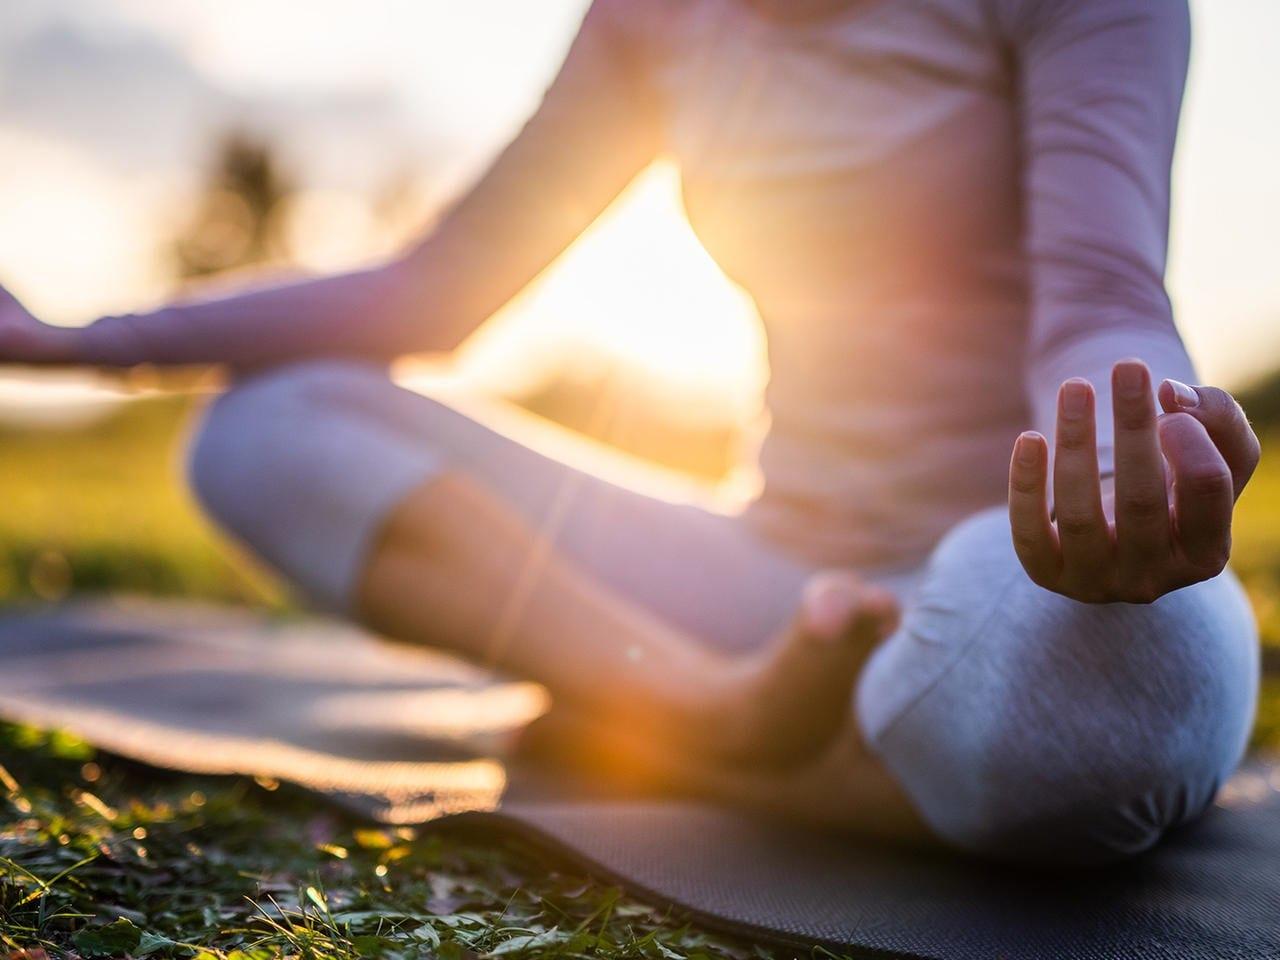 Santé et bien-être quotidien: les bienfaits de l'activité physique pour votre enfant